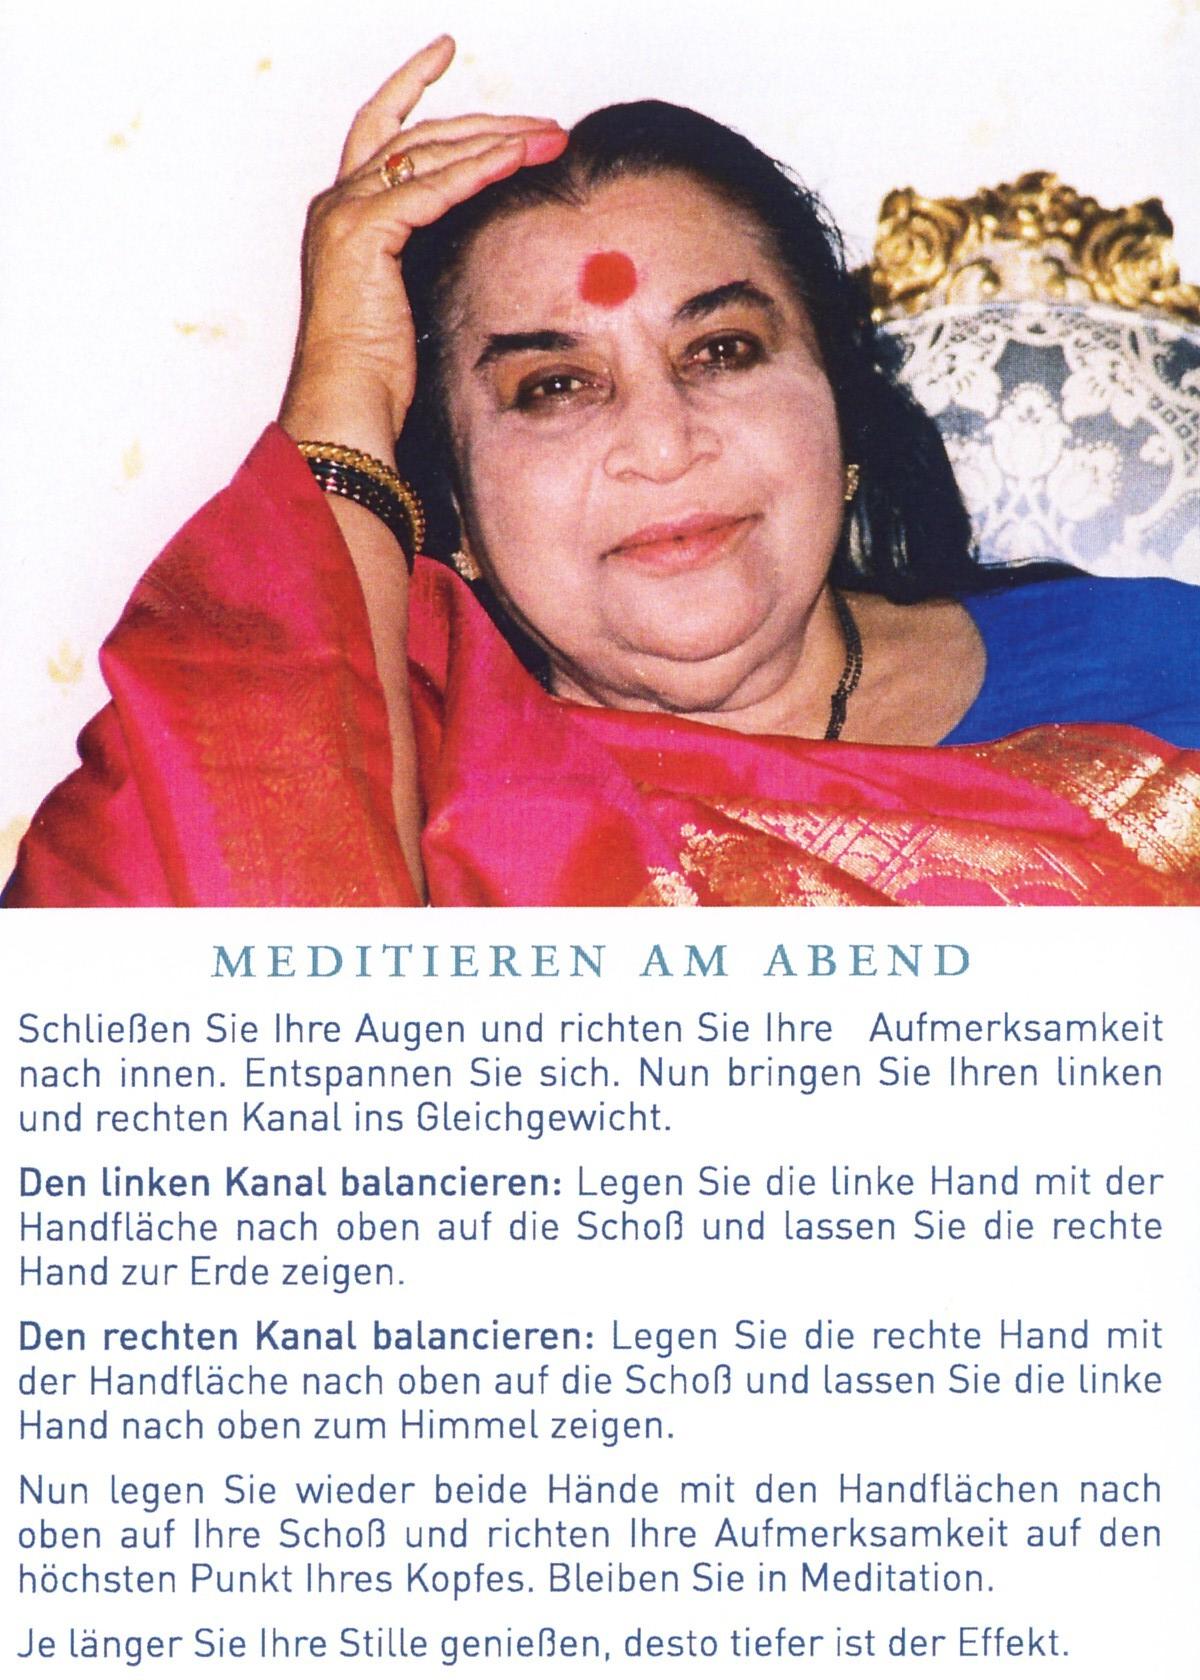 meditieren am abend